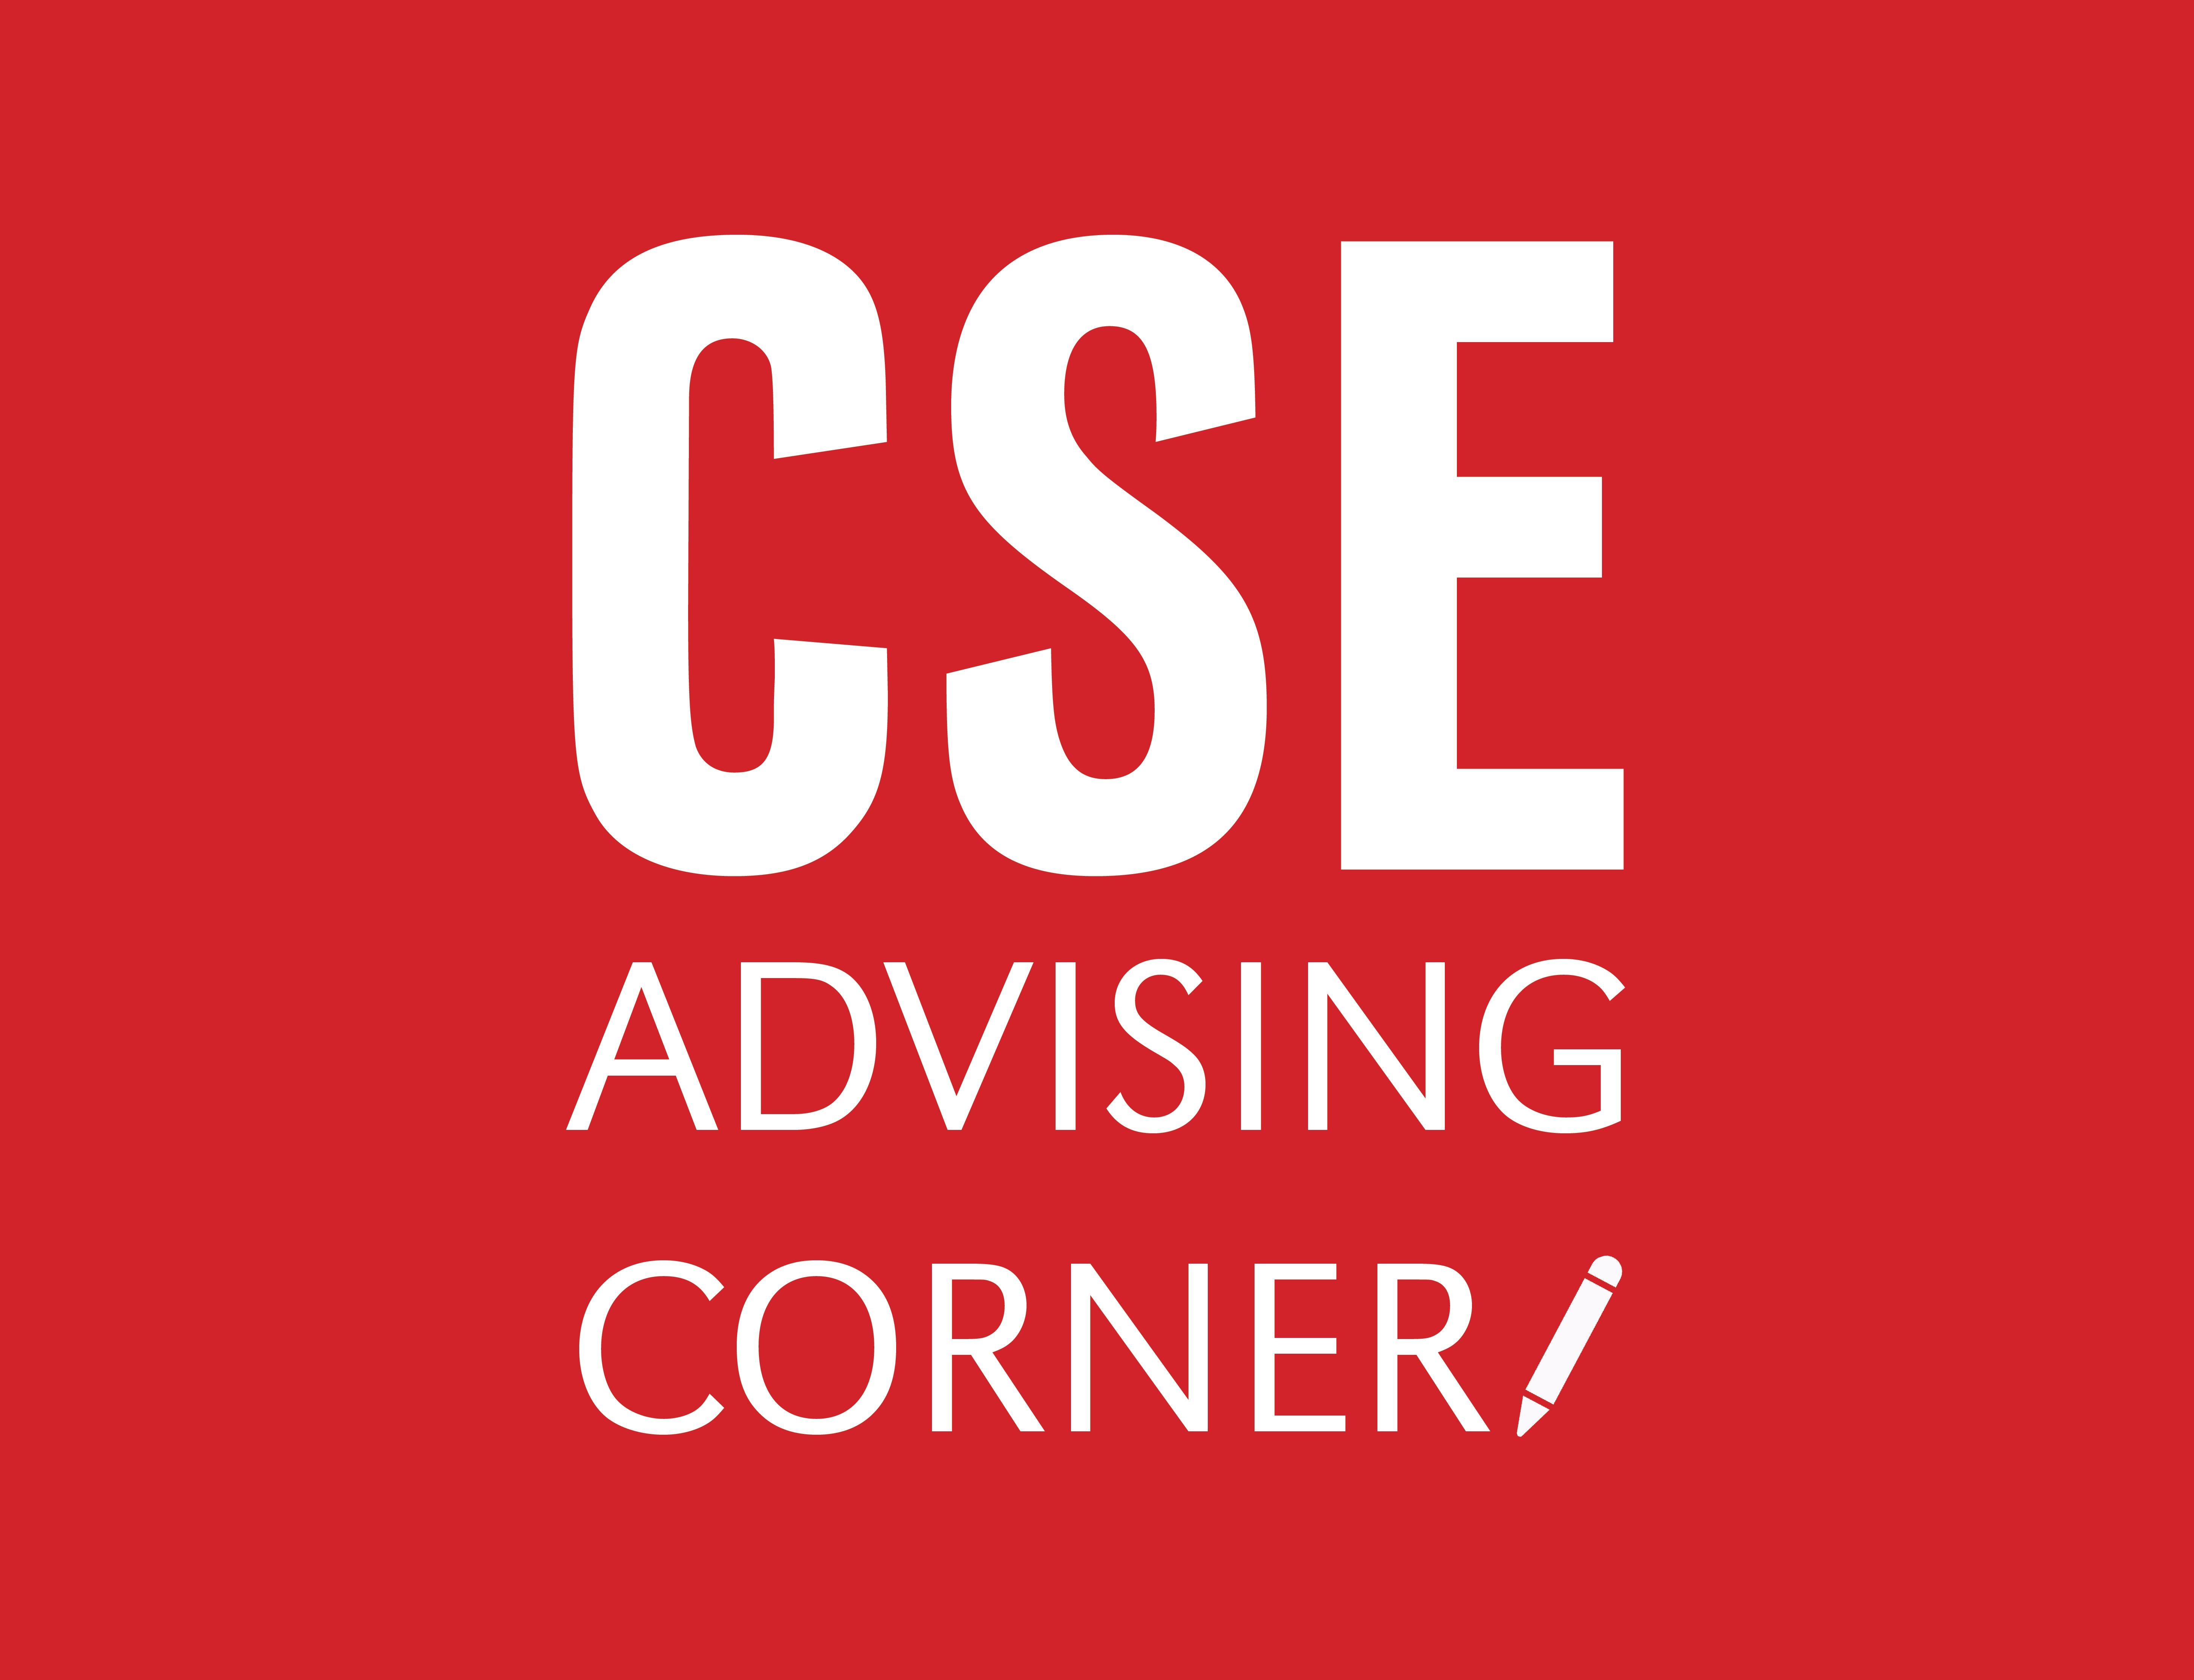 Advising corner